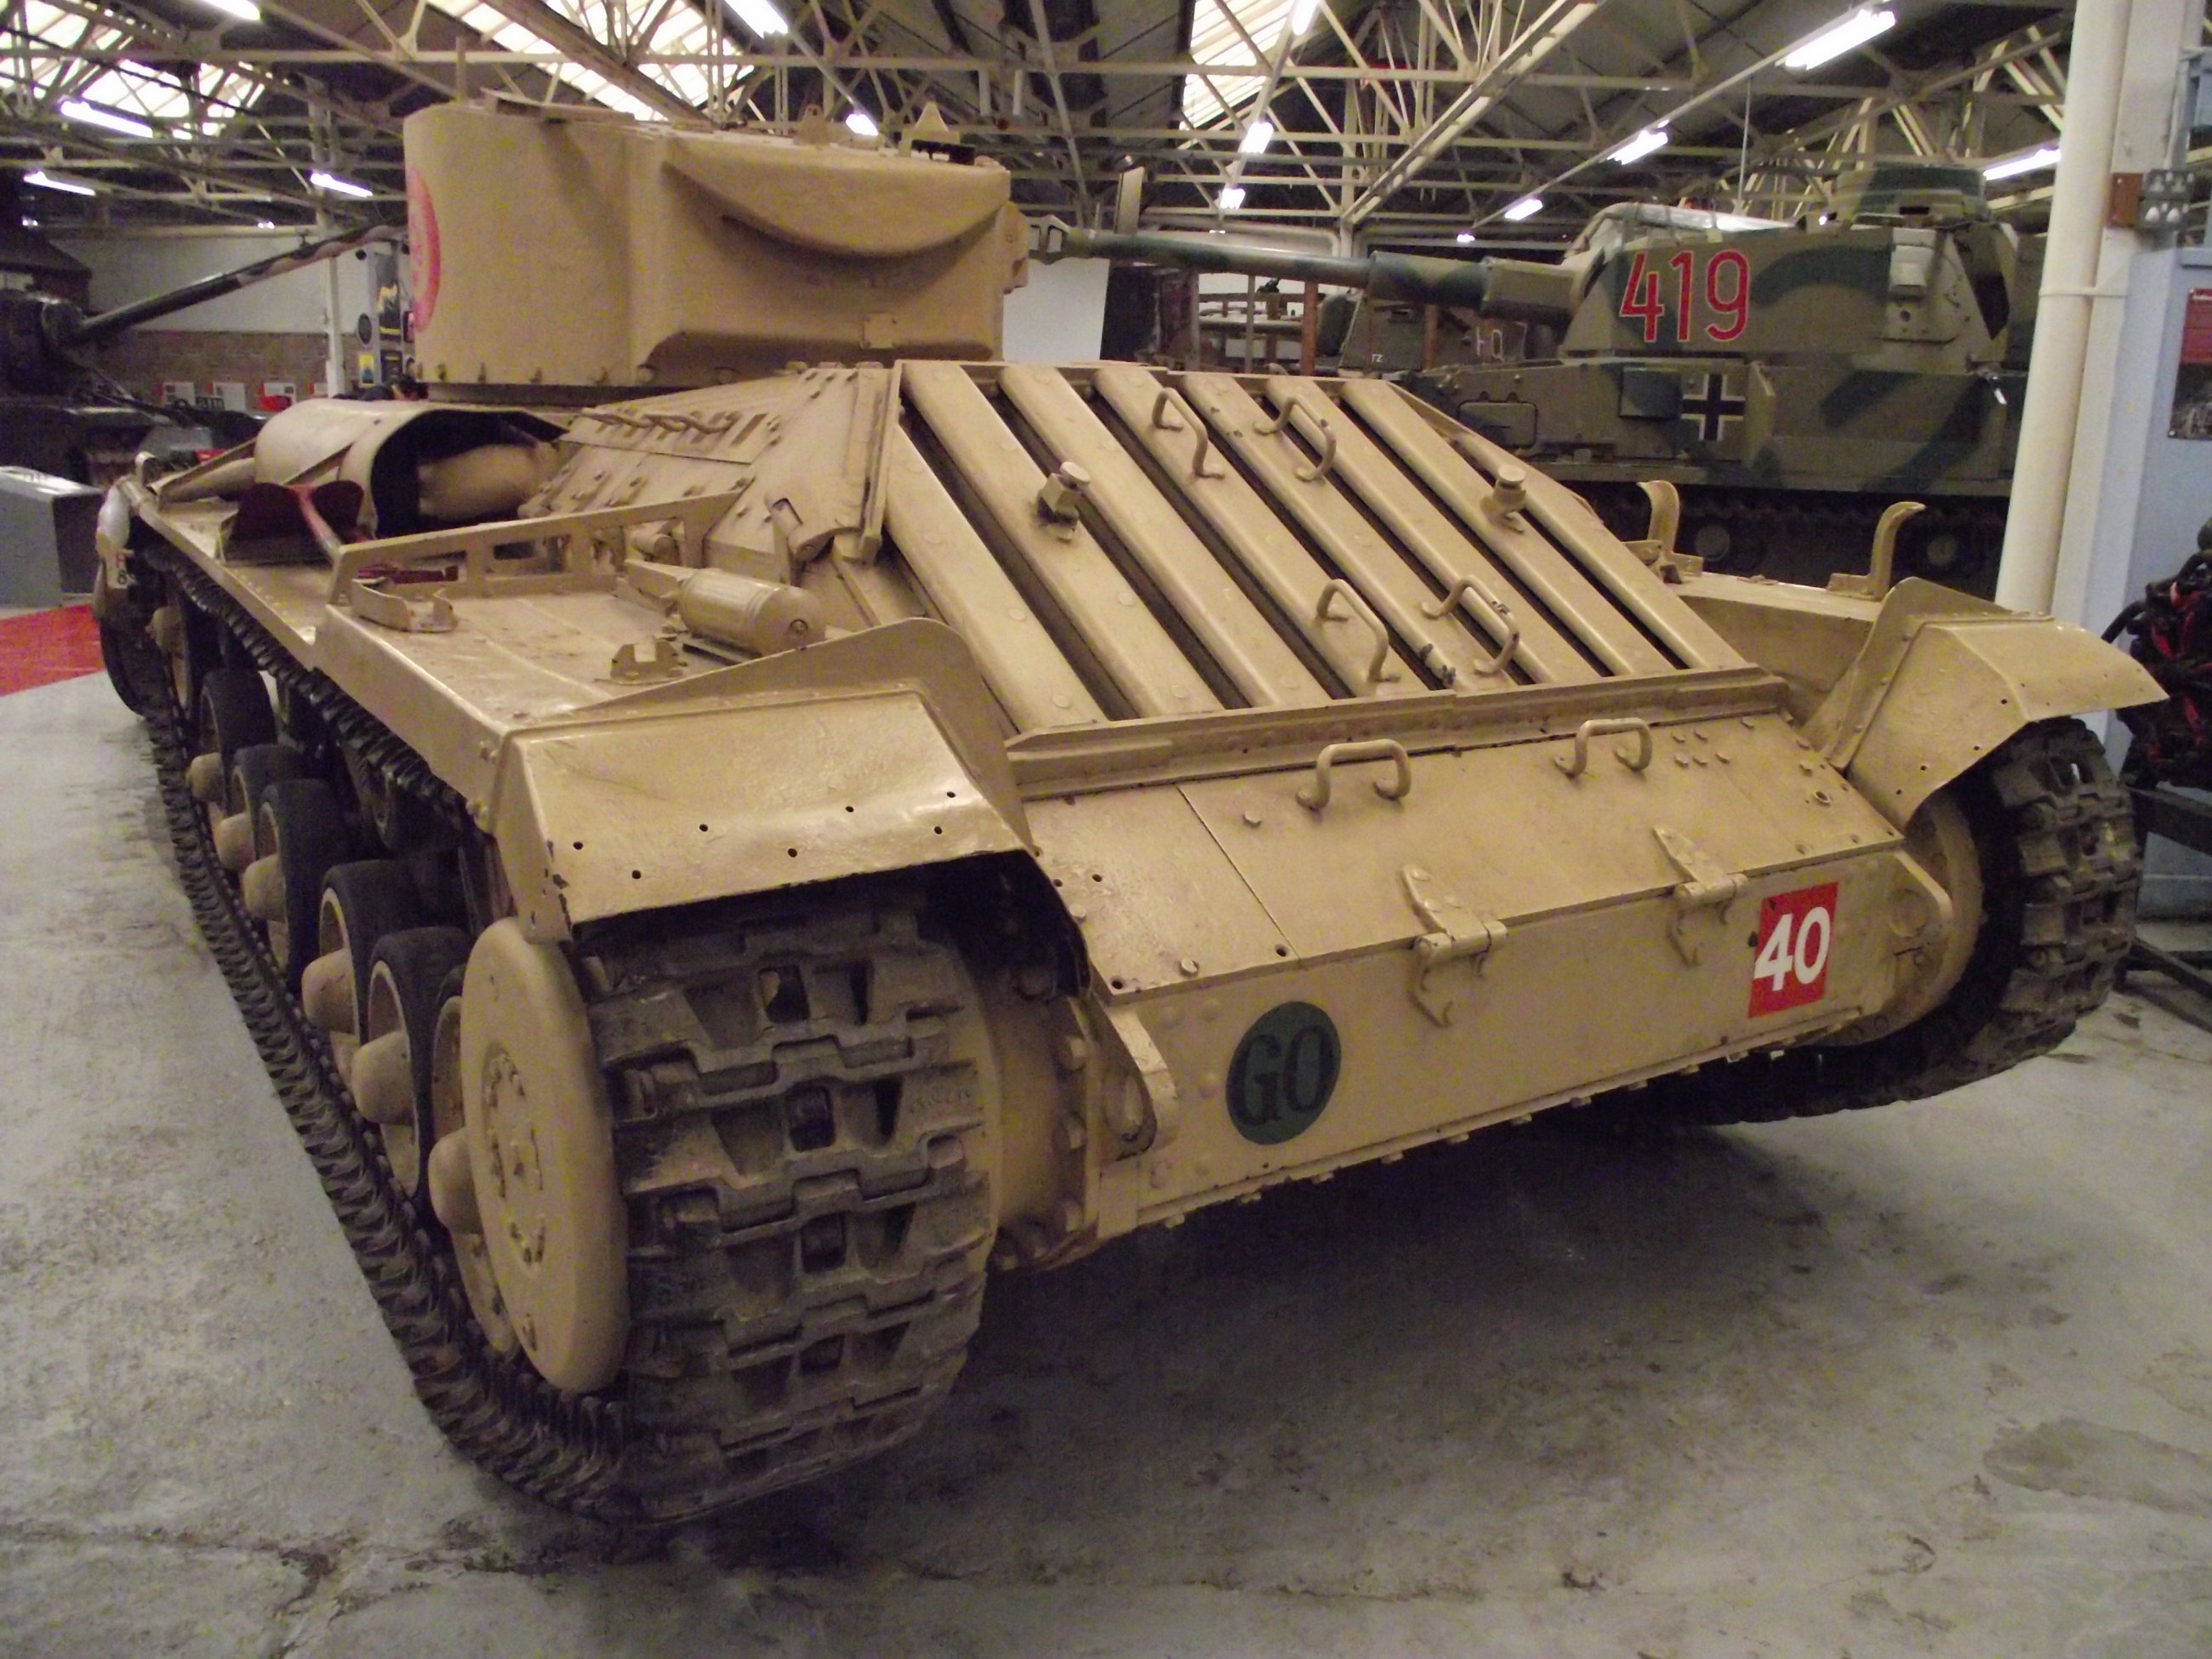 Tank_Museum_20180919_357.jpg